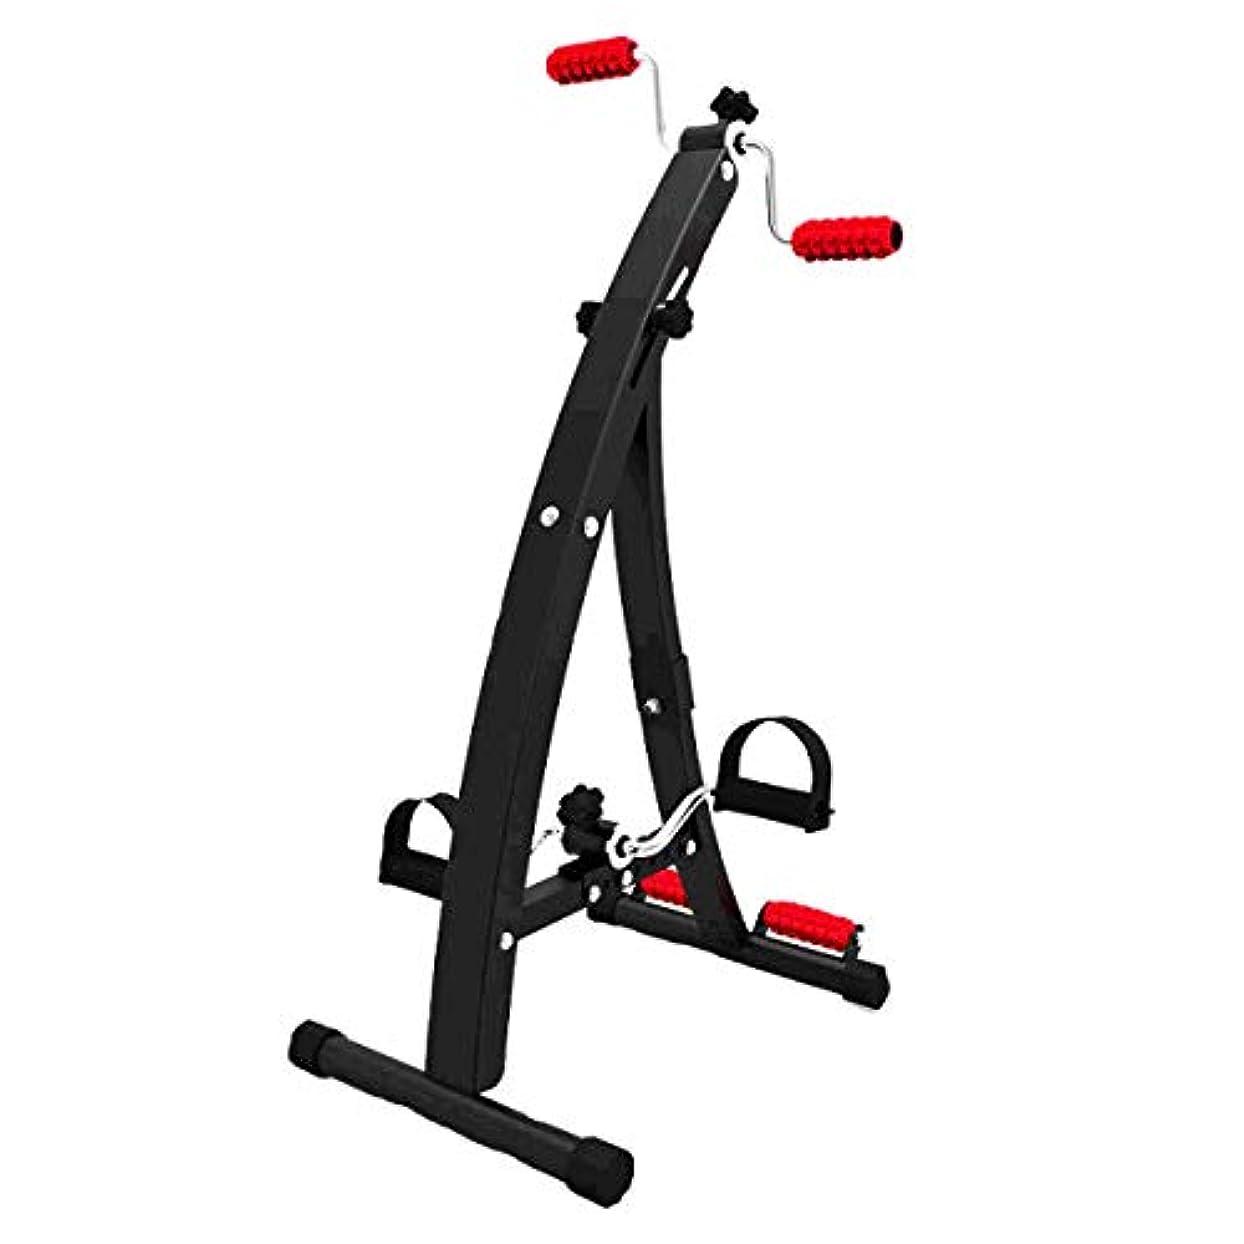 ボス重量遮るペダルエクササイザー、医療リハビリテーション体操上肢および下肢のトレーニング機器、筋萎縮リハビリテーション訓練を防ぐ,A